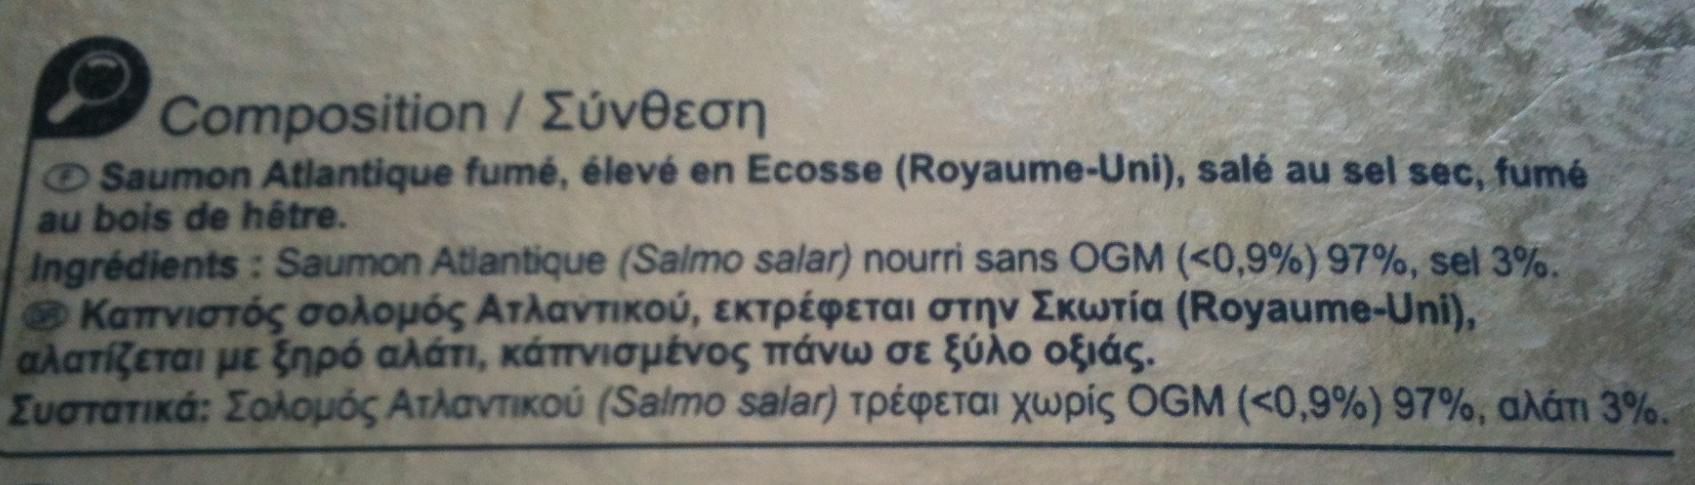 Saumon Atlantique fumé, élevé en Écosse (Royaume-Uni), salé au sel sec, fumé au bois de hêtre. - Ingrediënten - fr